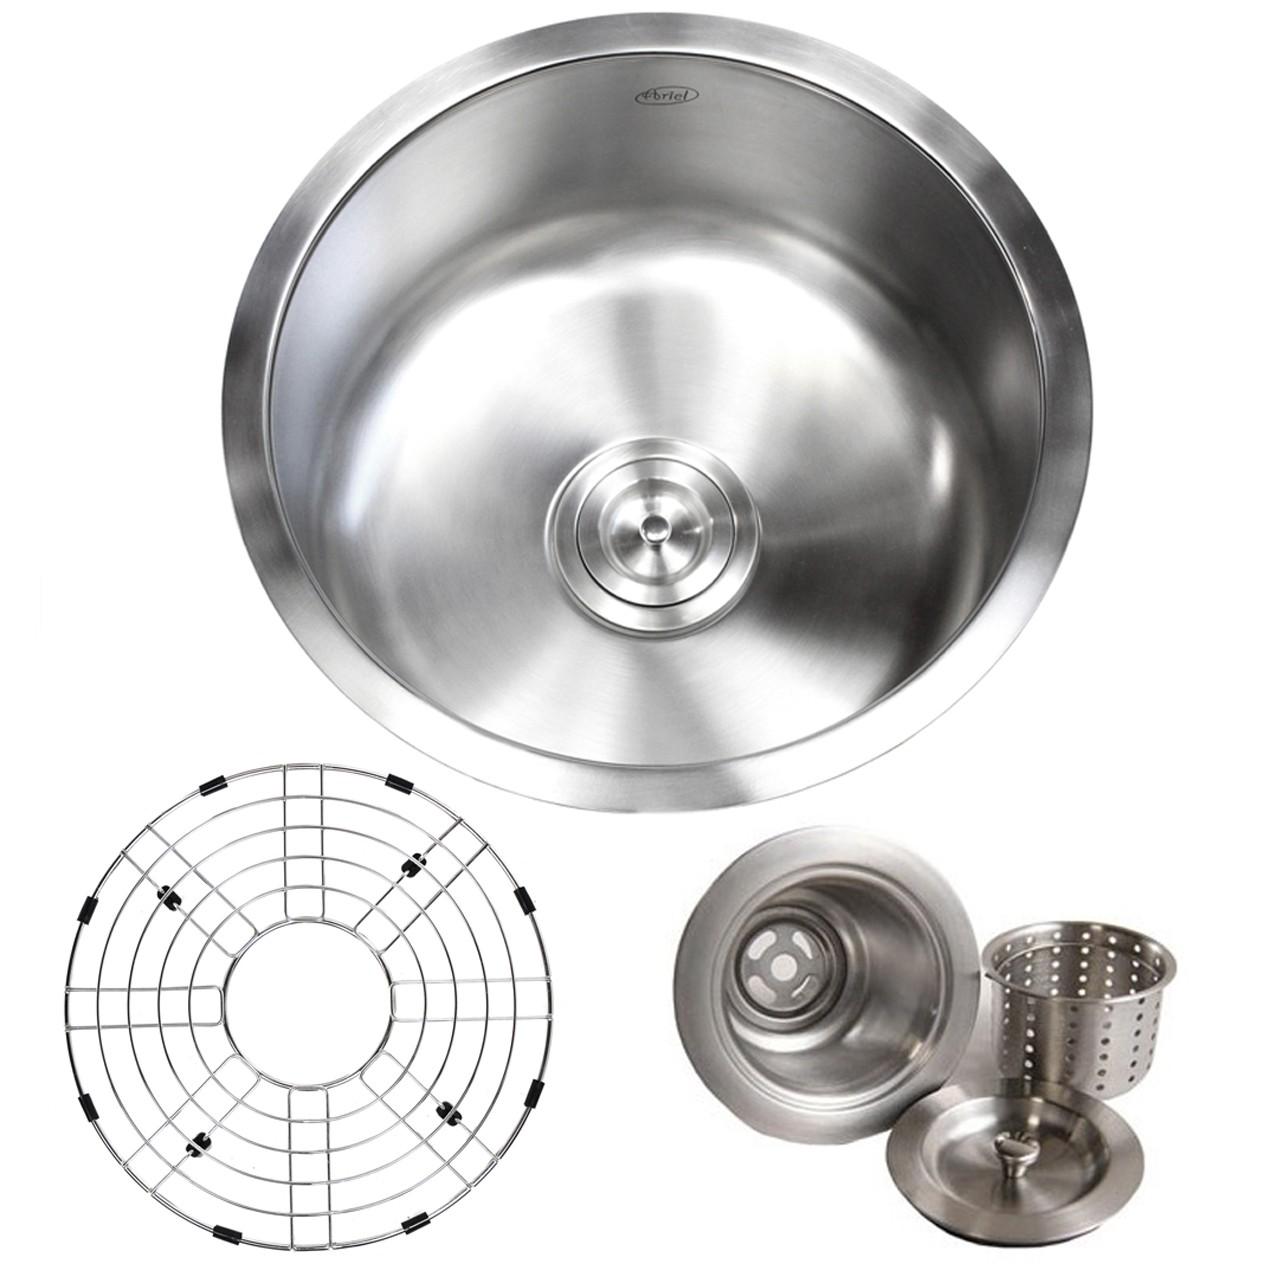 17 inch stainless steel undermount